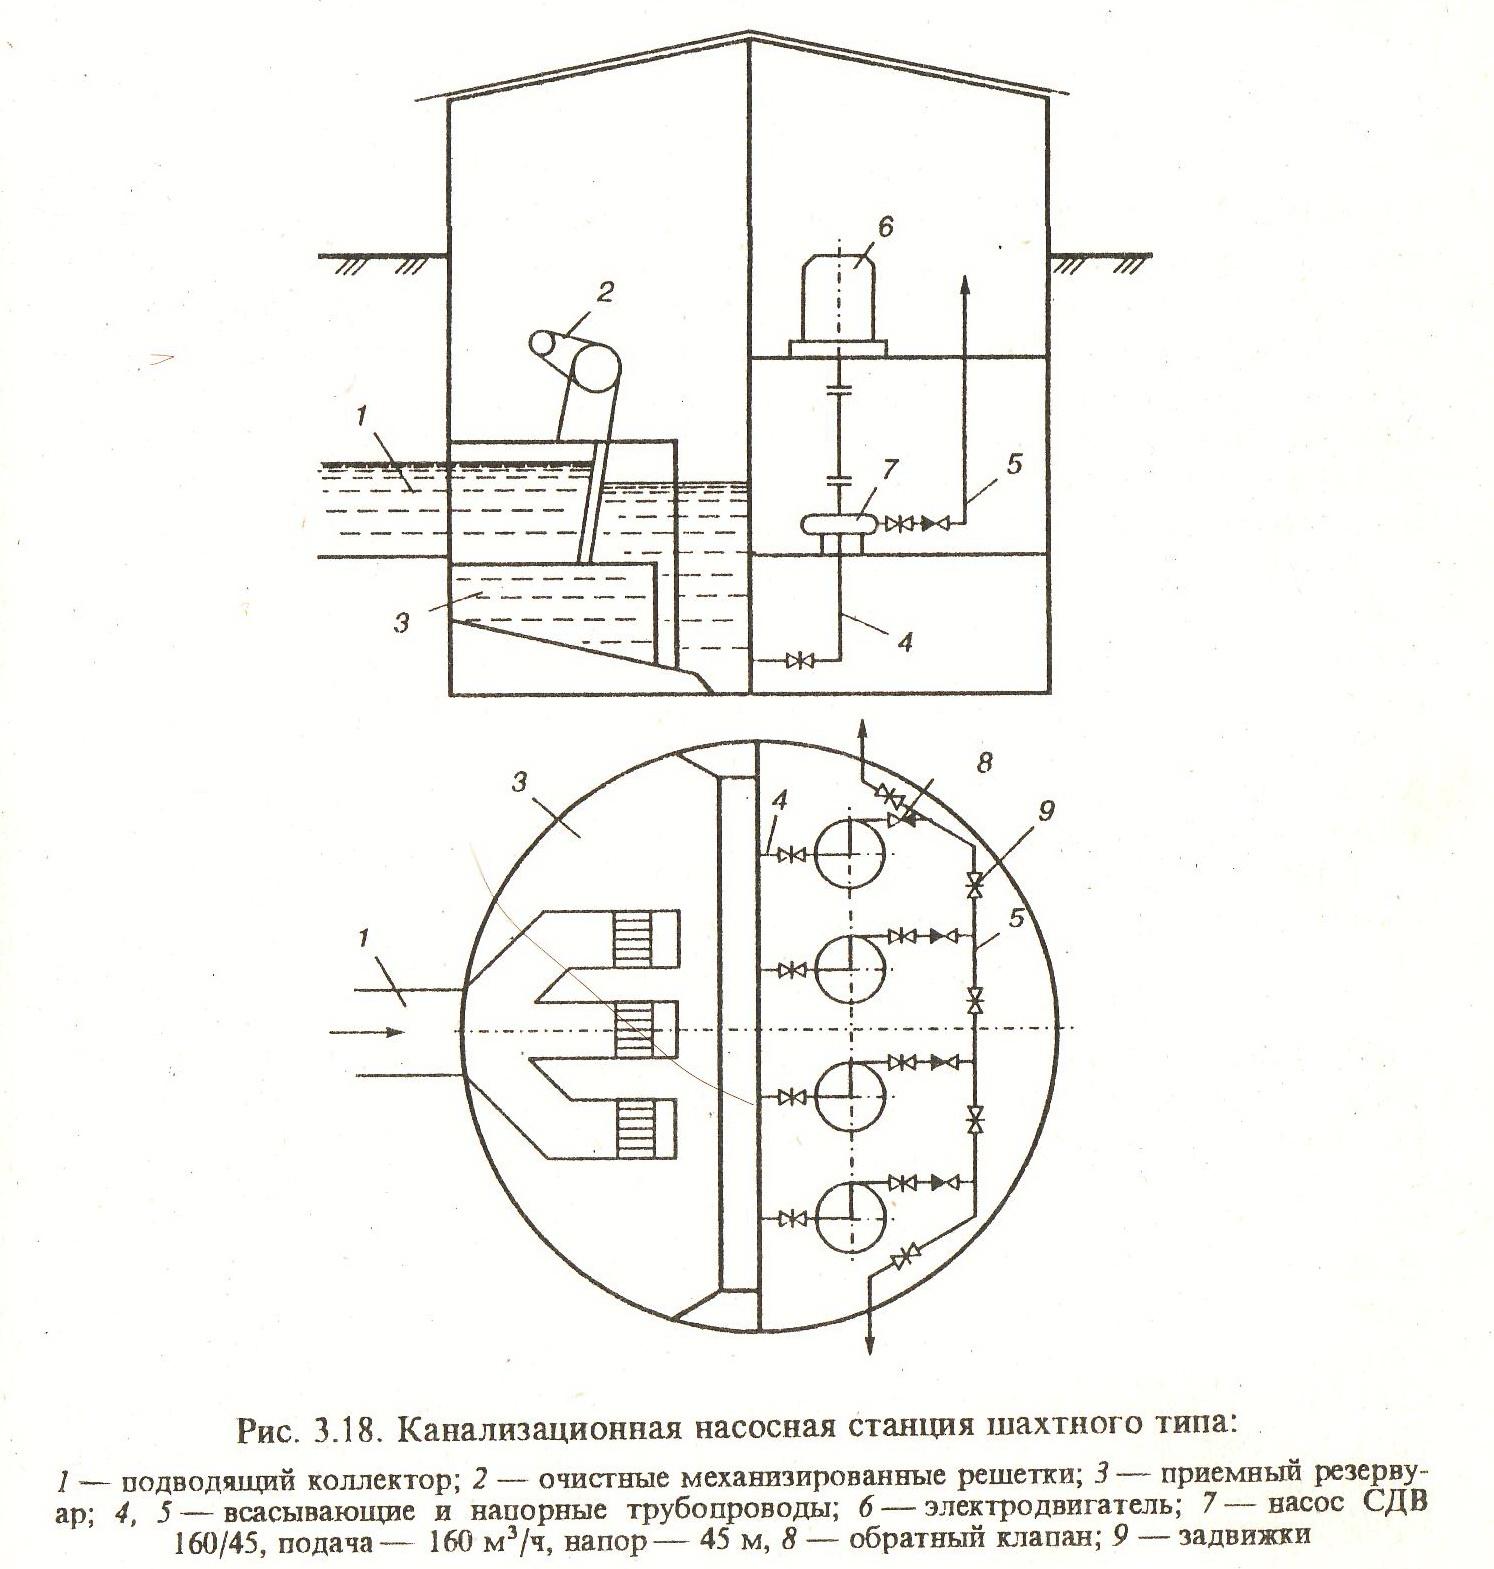 КНС — канализационные насосные станции: монтаж, обслуживание, принцип работы